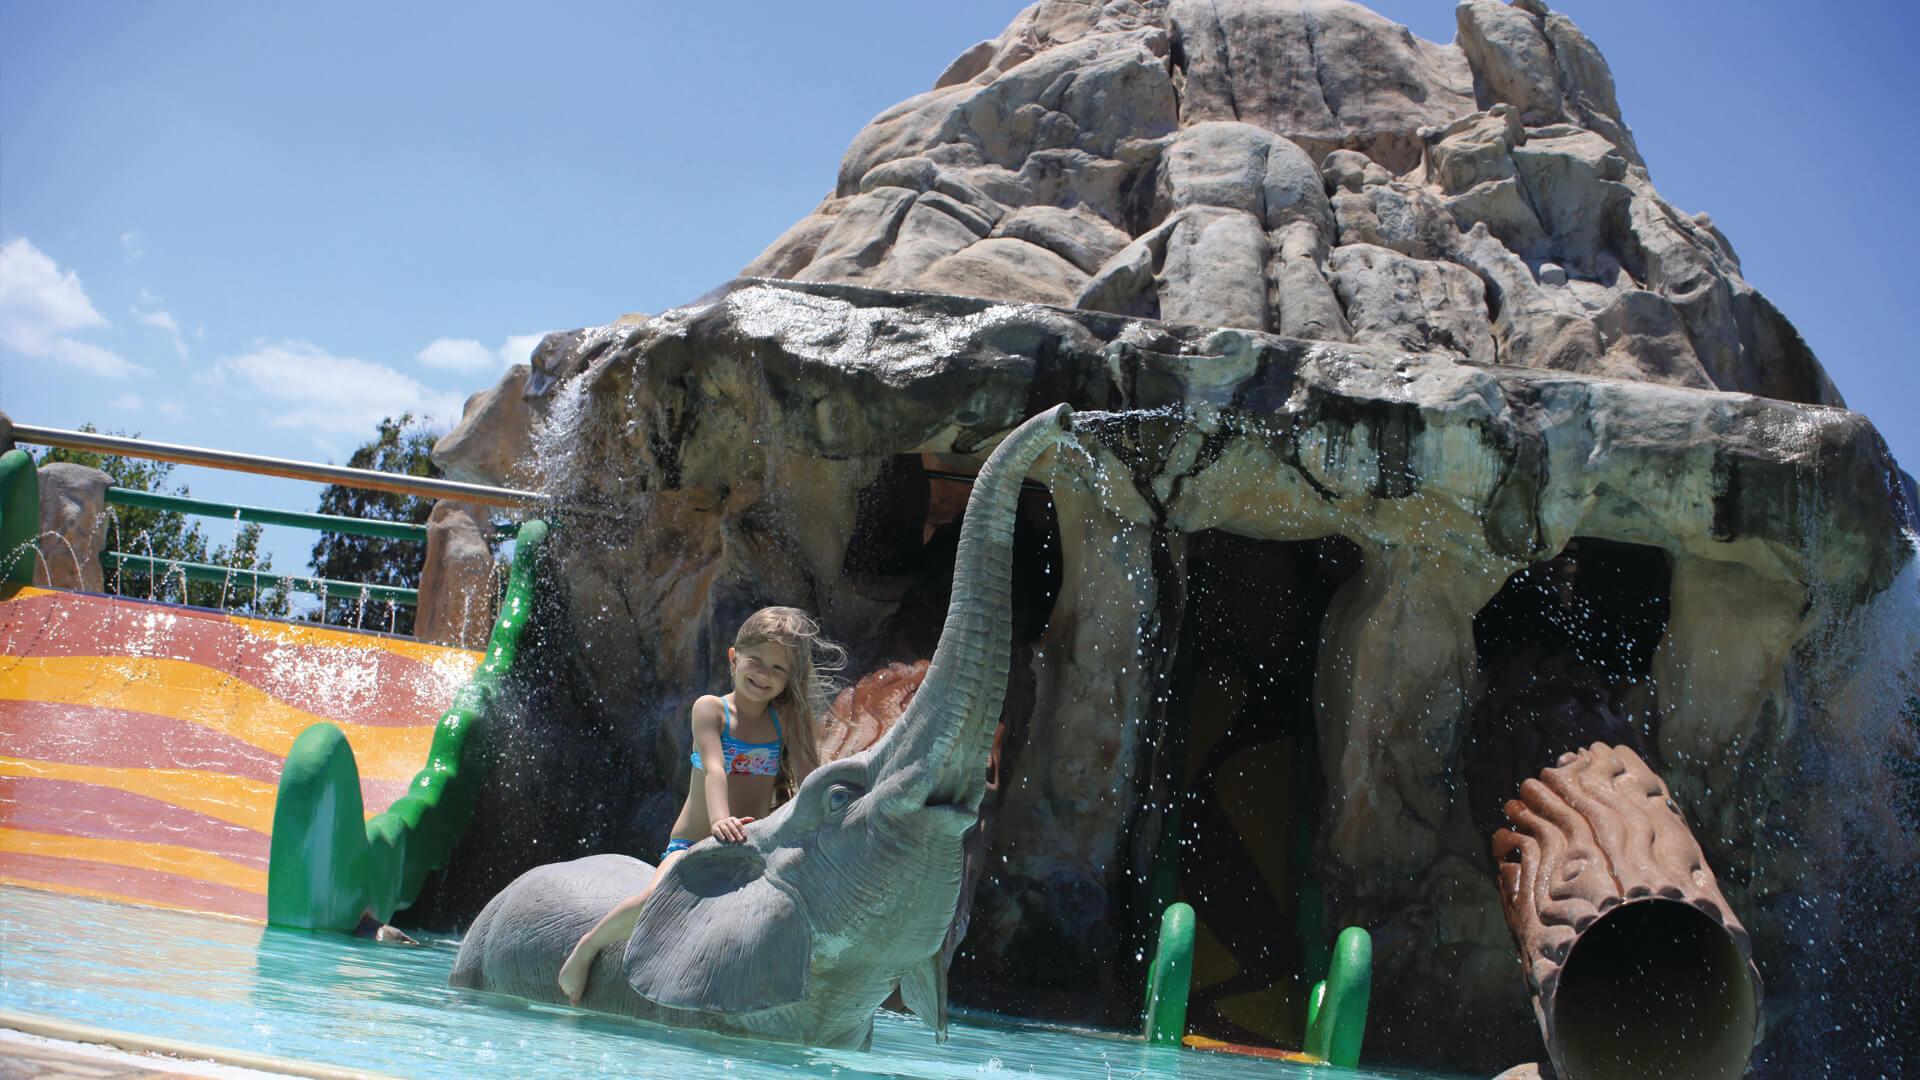 Isola verde di Salerno: 30 buoni motivi per venirci - Acquapark ...